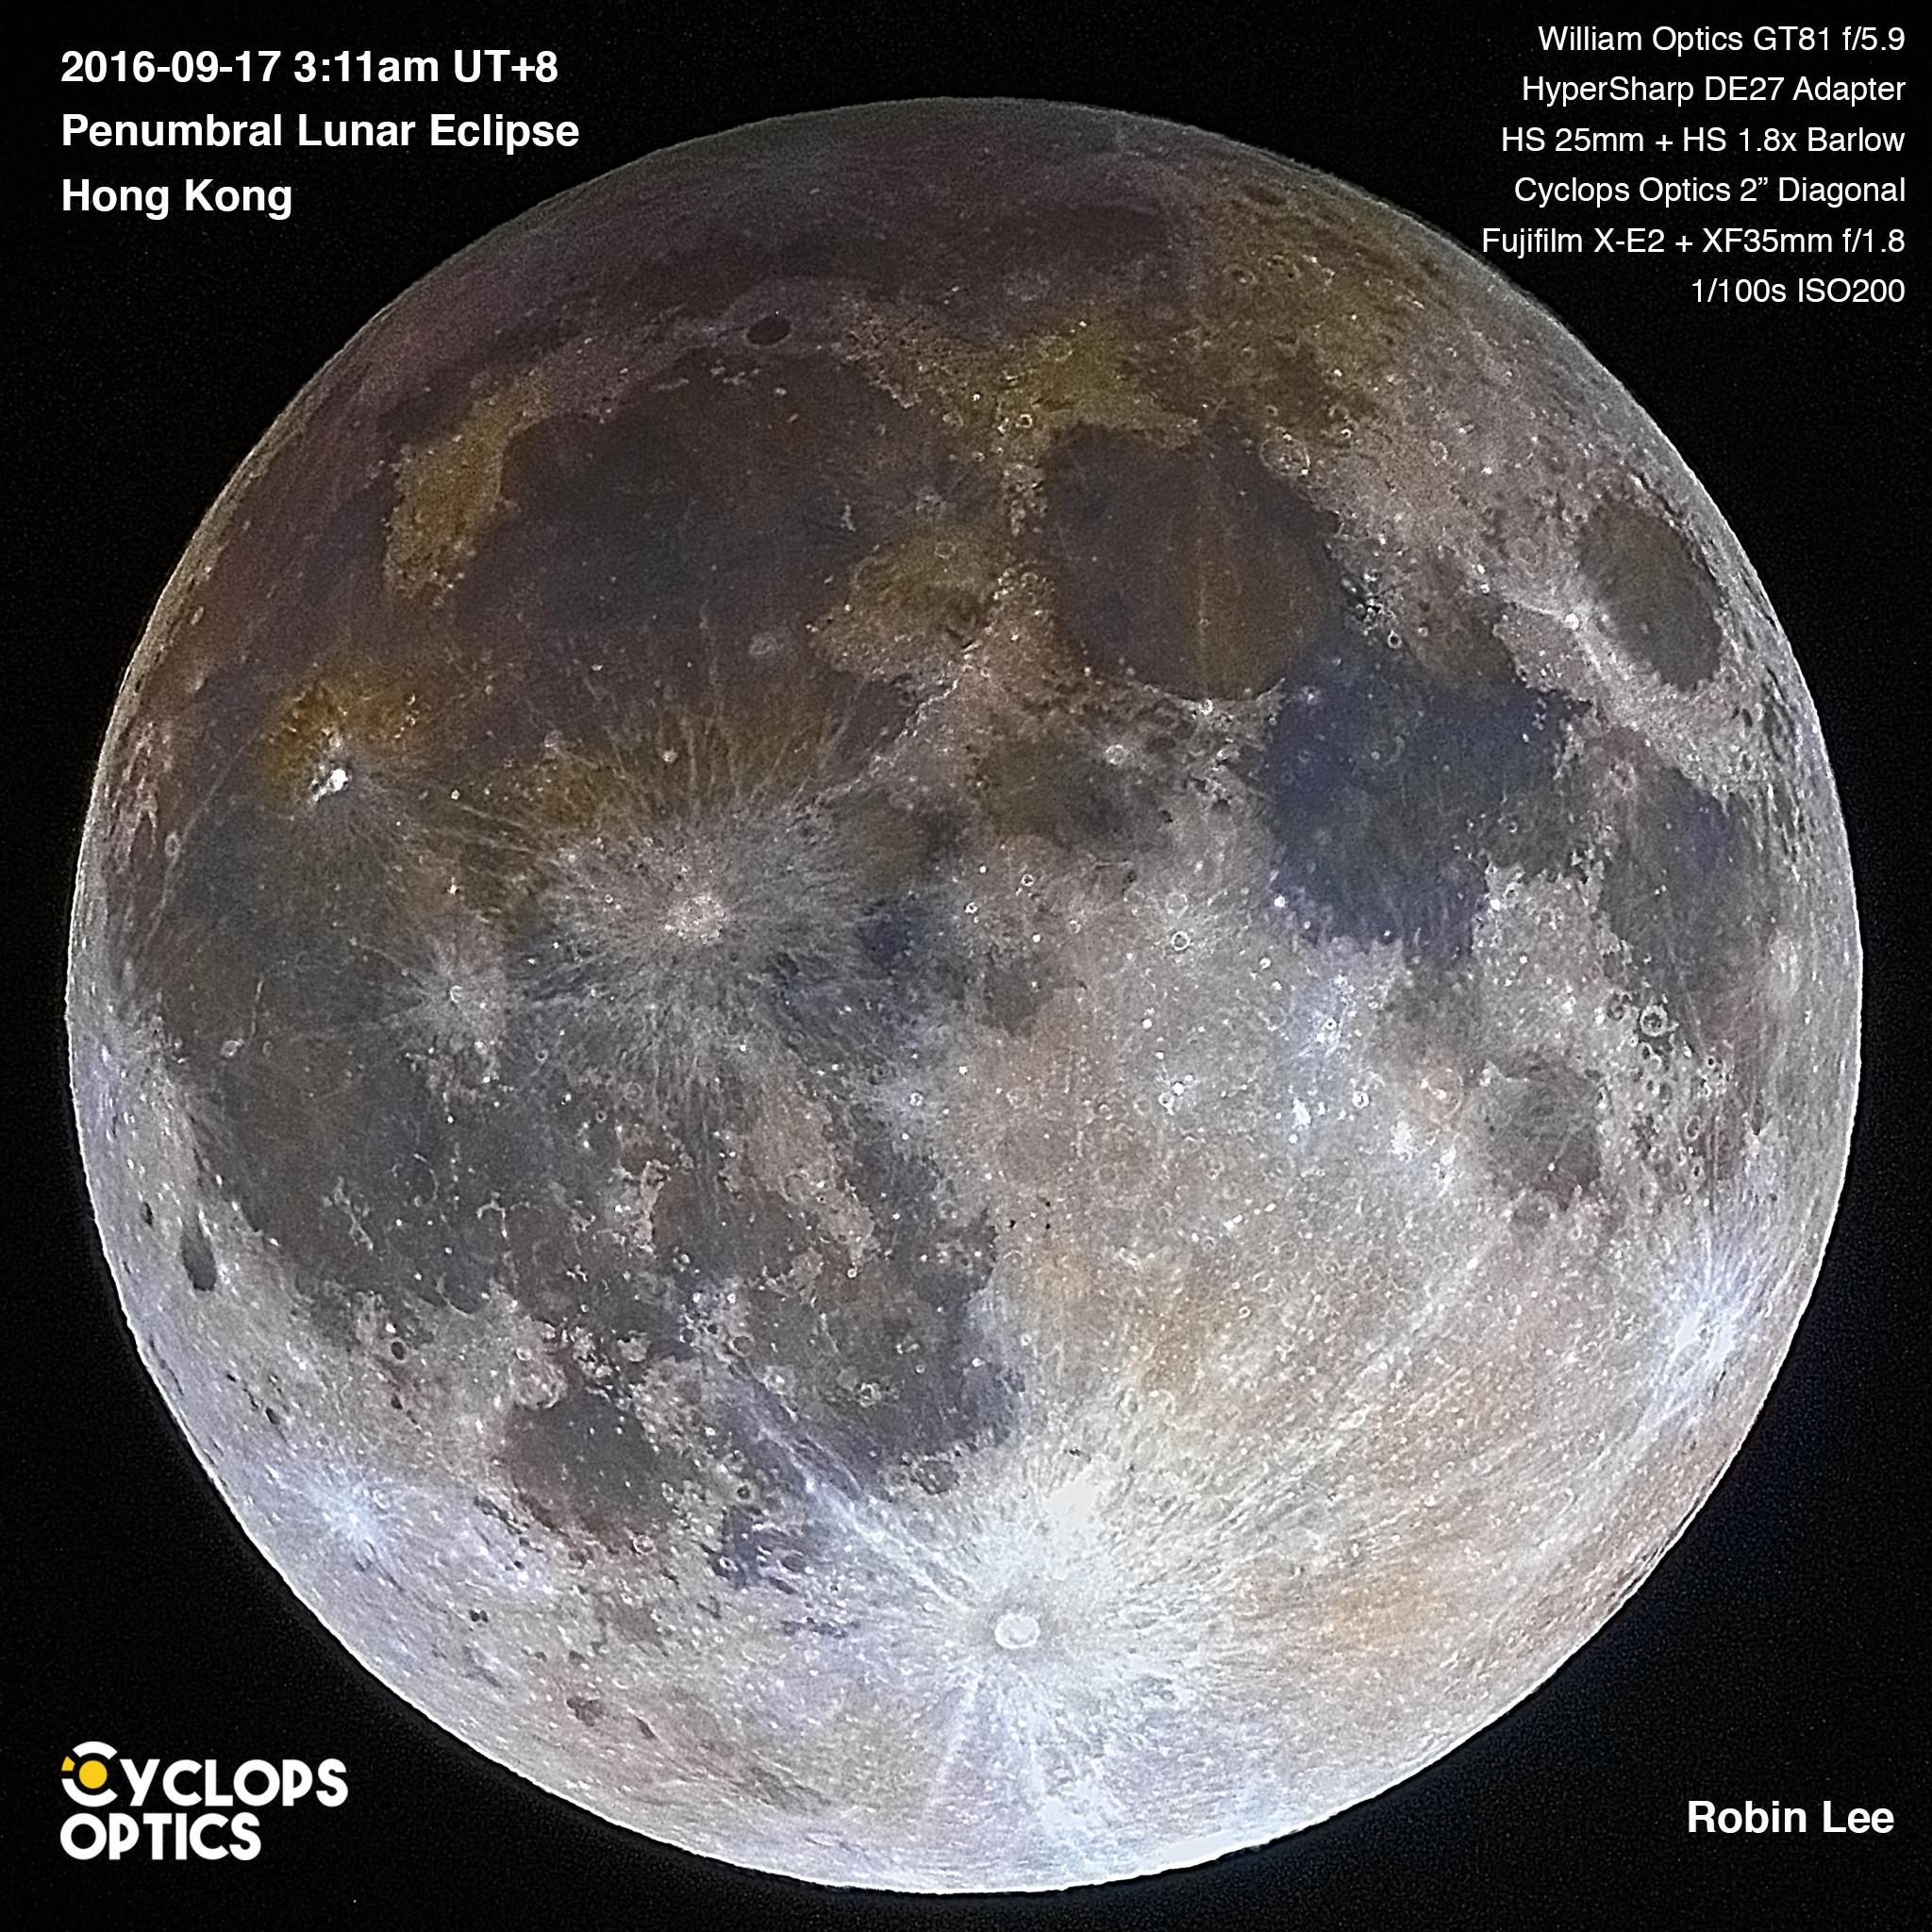 20160917-penumbral-lunar-eclipse-co-robin-lee-2048px.jpg